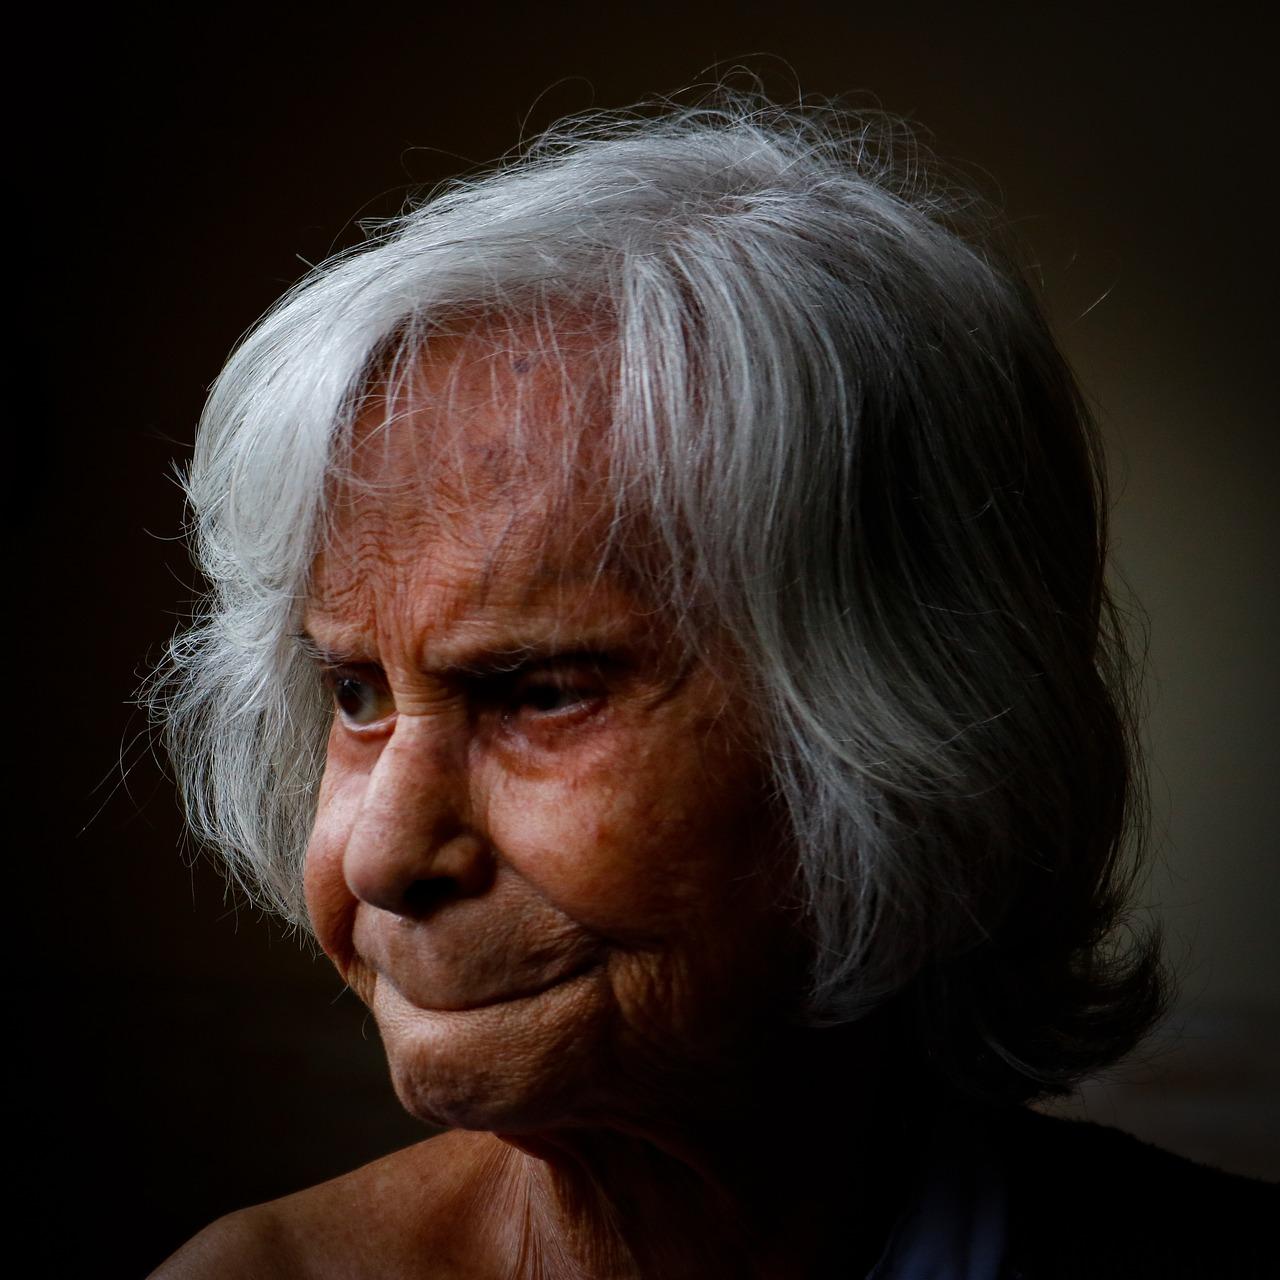 7 mitów na temat choroby Alzheimera, która dopada coraz więcej osób. Obaliła je ekspertka